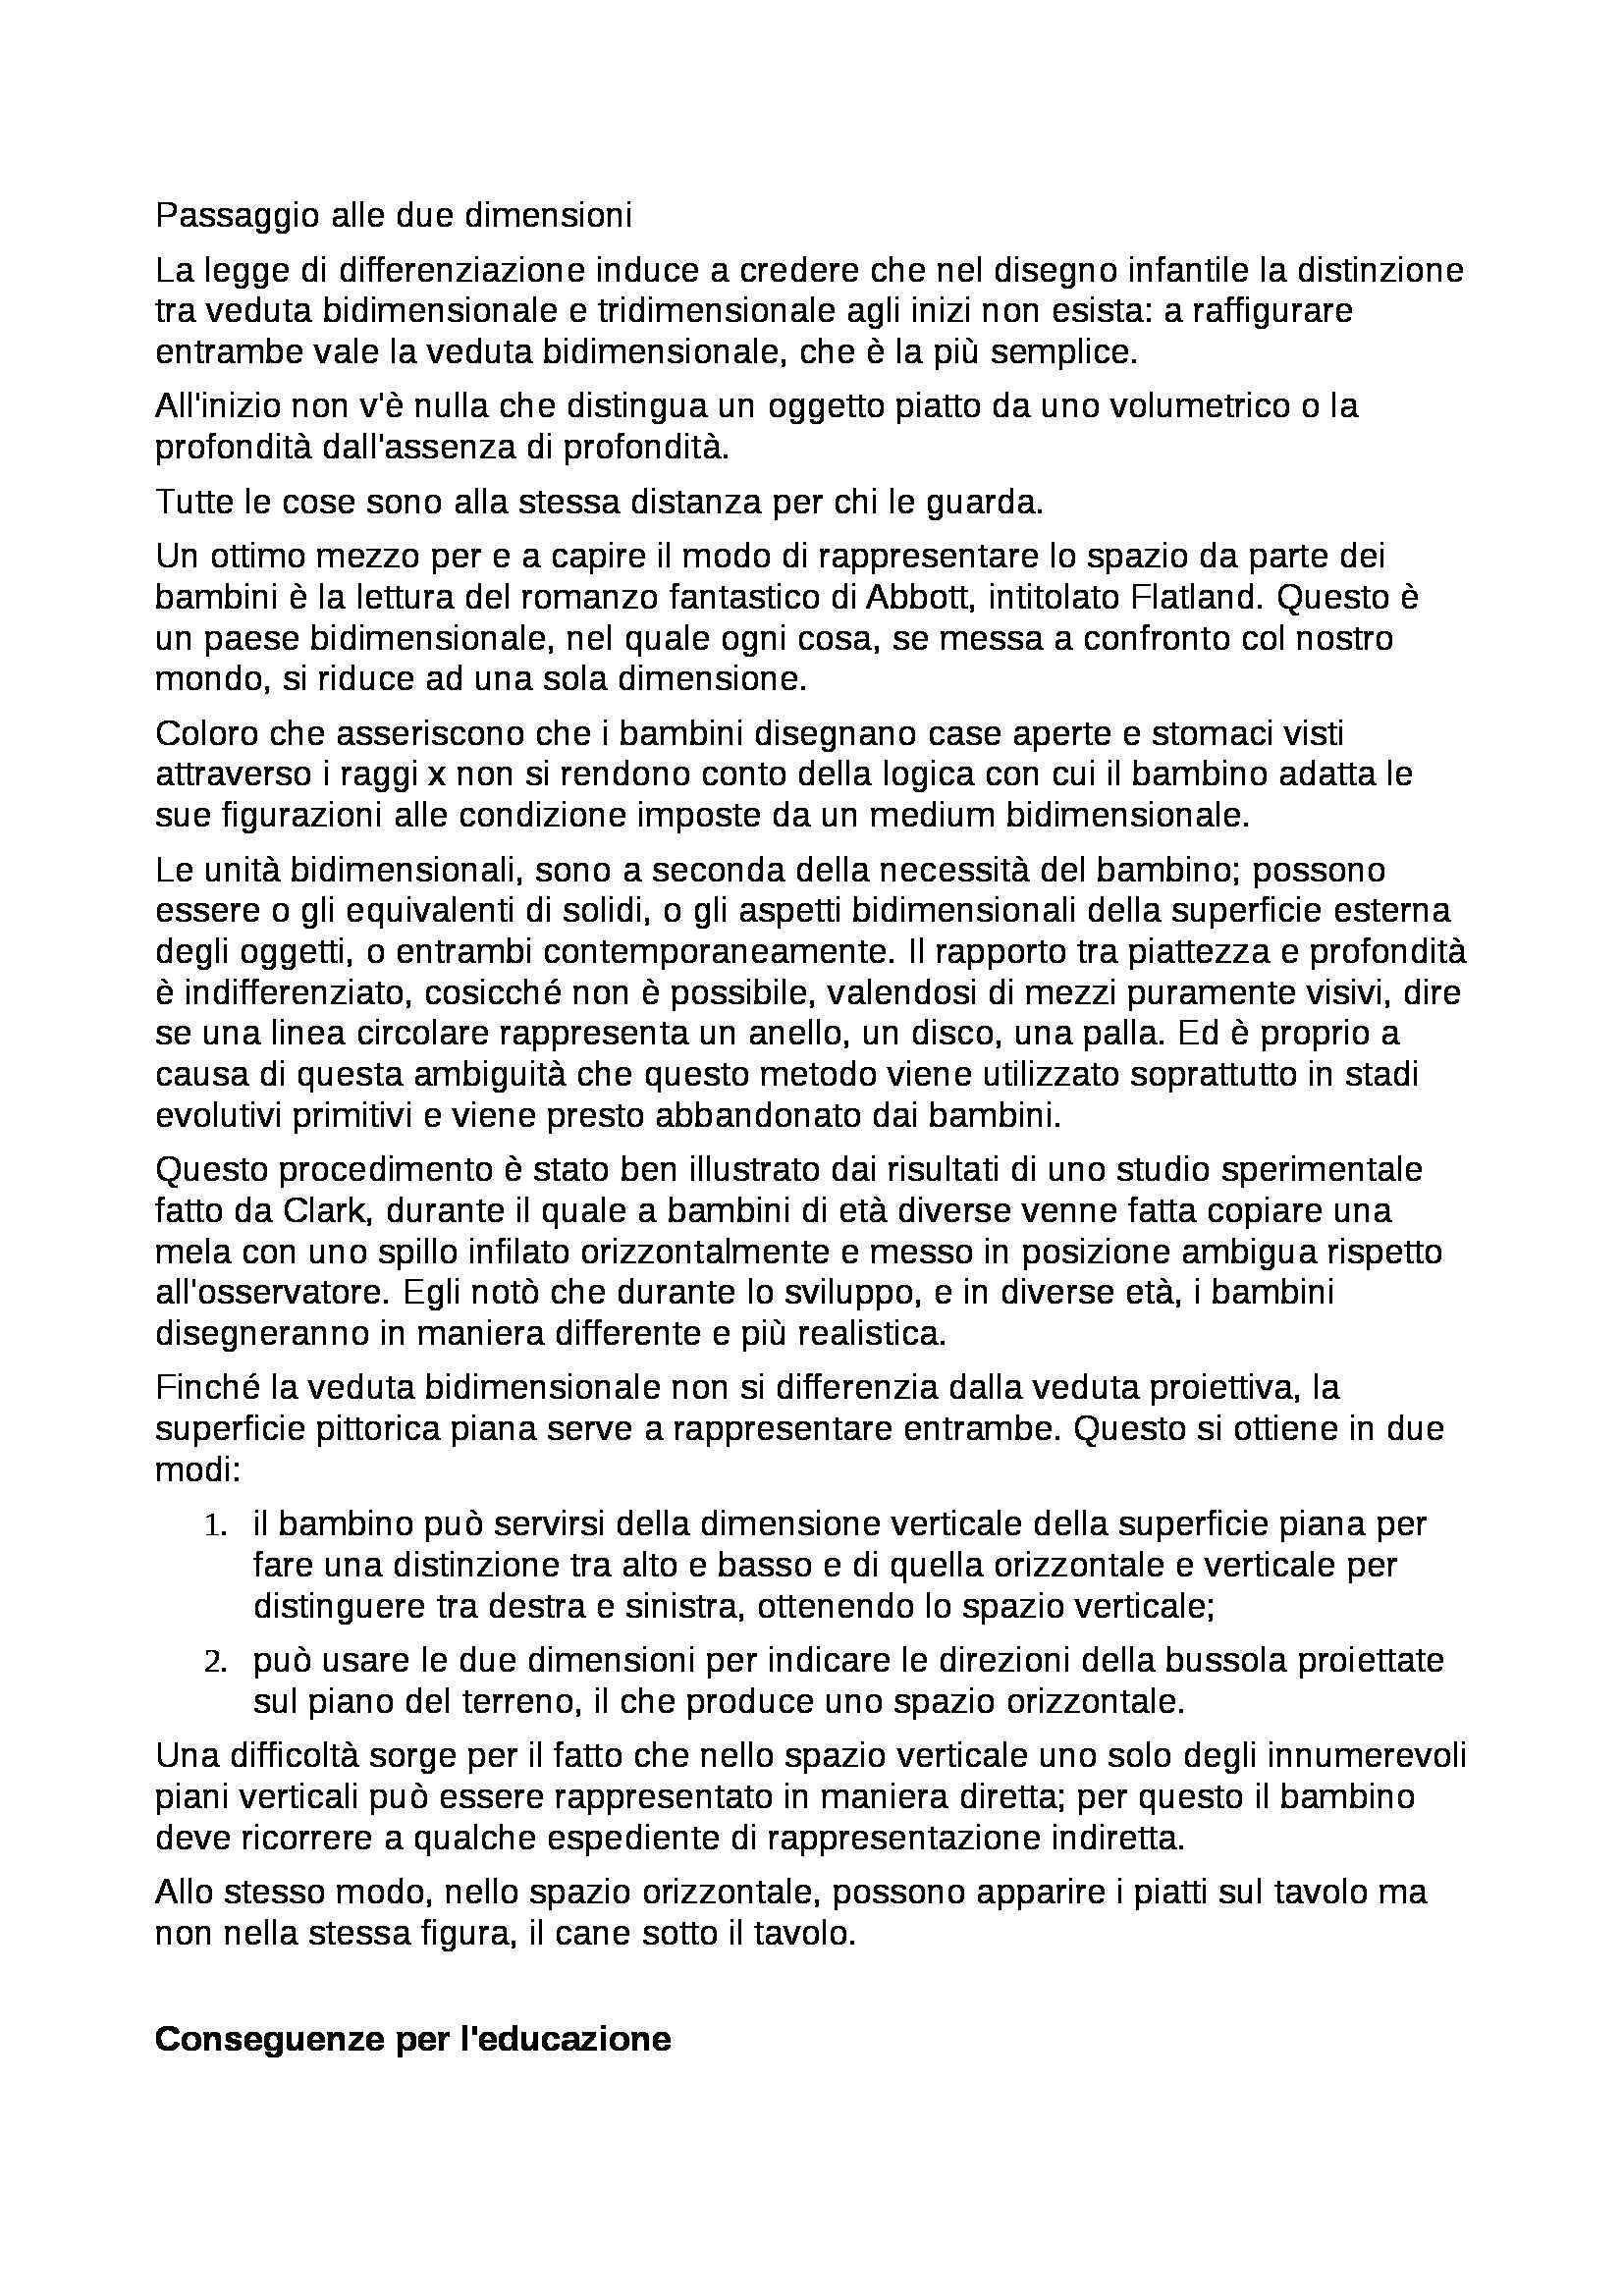 Riassunto esame Percezione e comunicazione visiva, prof. De Michele, libro consigliato Arte e percezione visiva, Arnheim Pag. 31